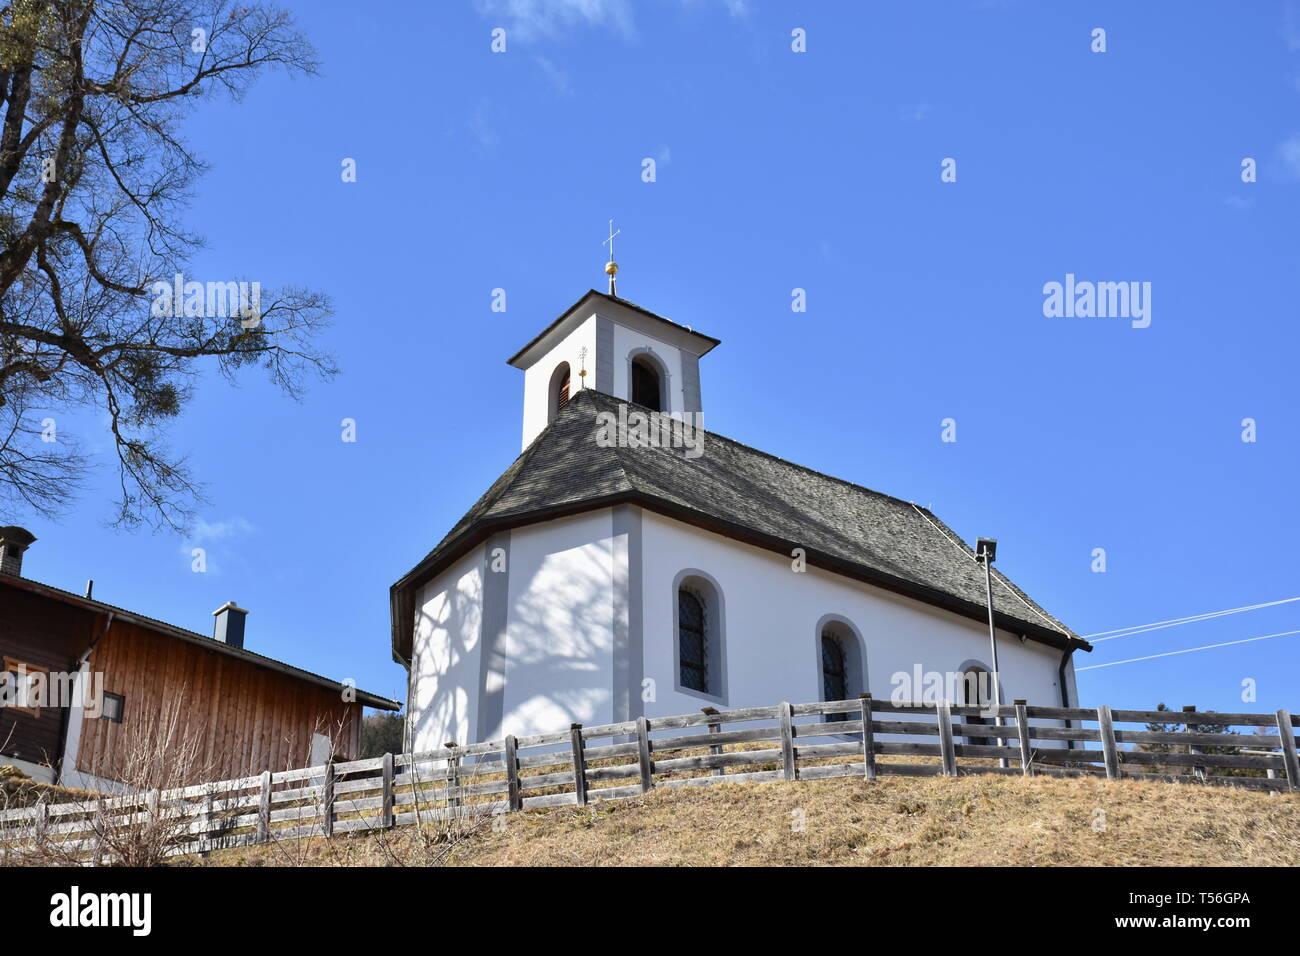 Osttirol, Kapelle, Iseltal, Unterm Wald, Glanz, Ainet, Klaube, Religion, Kirche, Gotteshaus, Andacht, Gebet, beten, Gedenken, Erinnerung, erinnern, Li - Stock Image